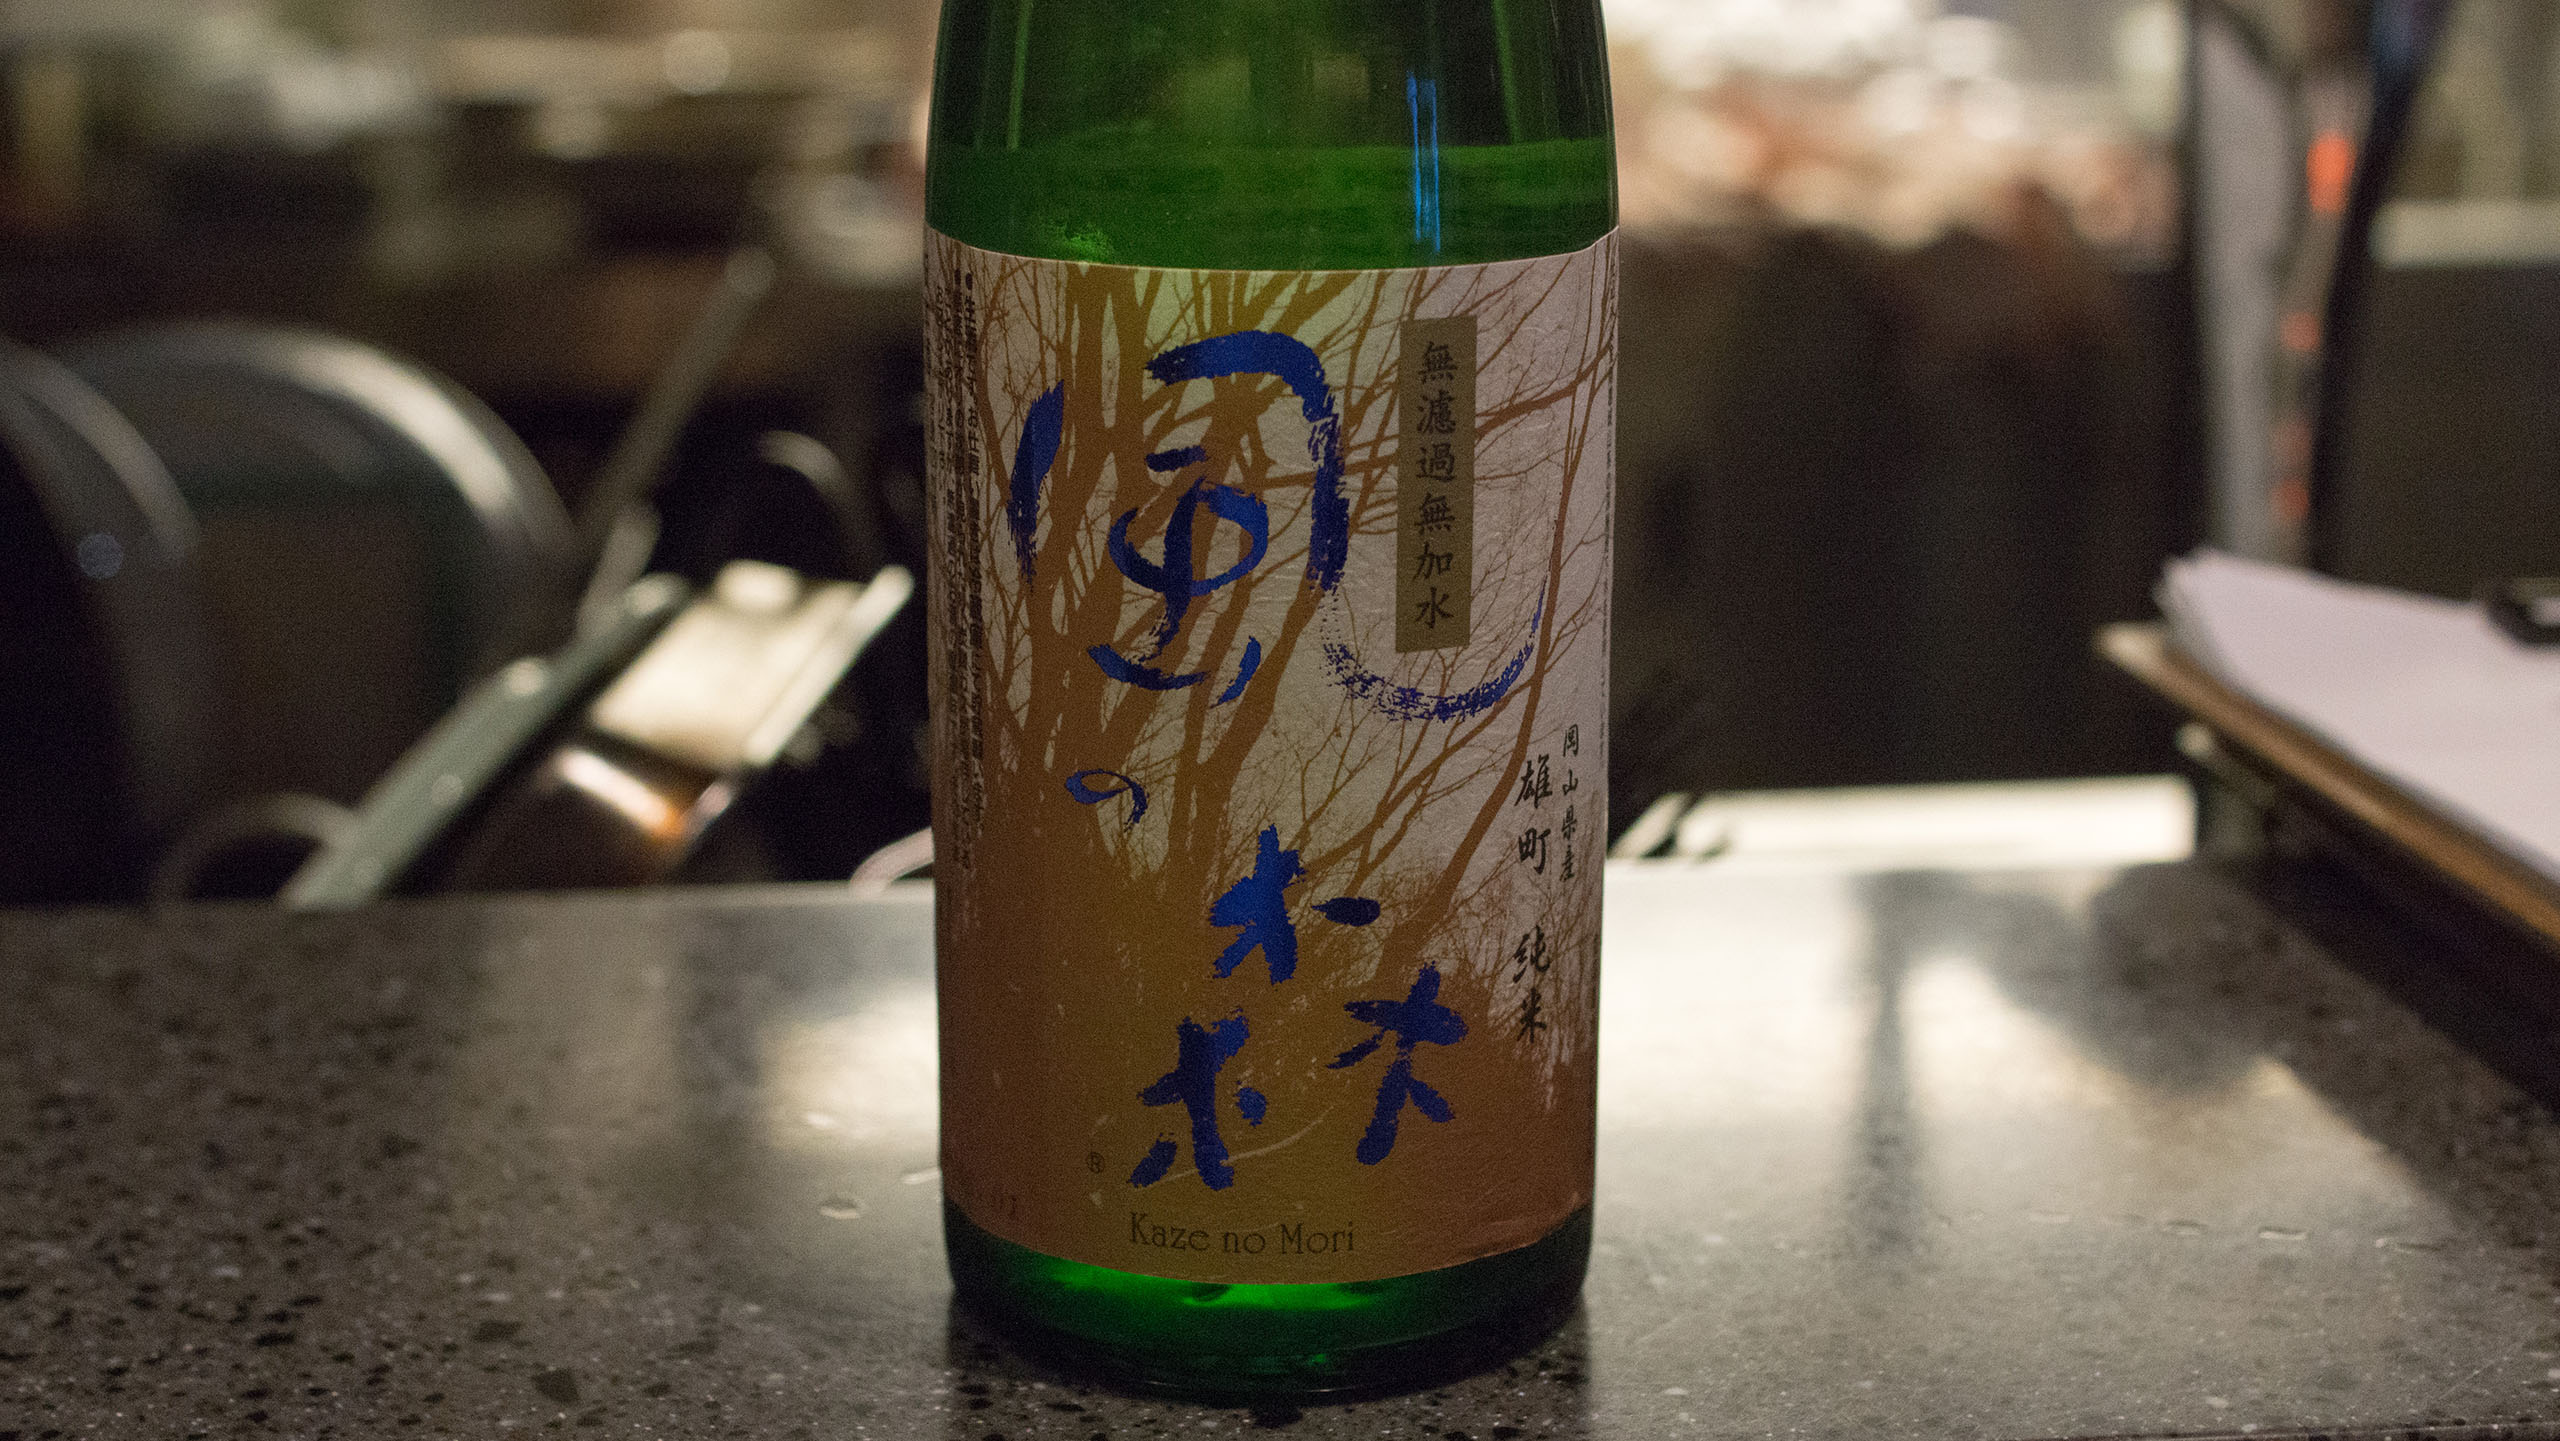 카제노모리 쥰마이 오마치 시보리하나 무로카무카스이 나마자케